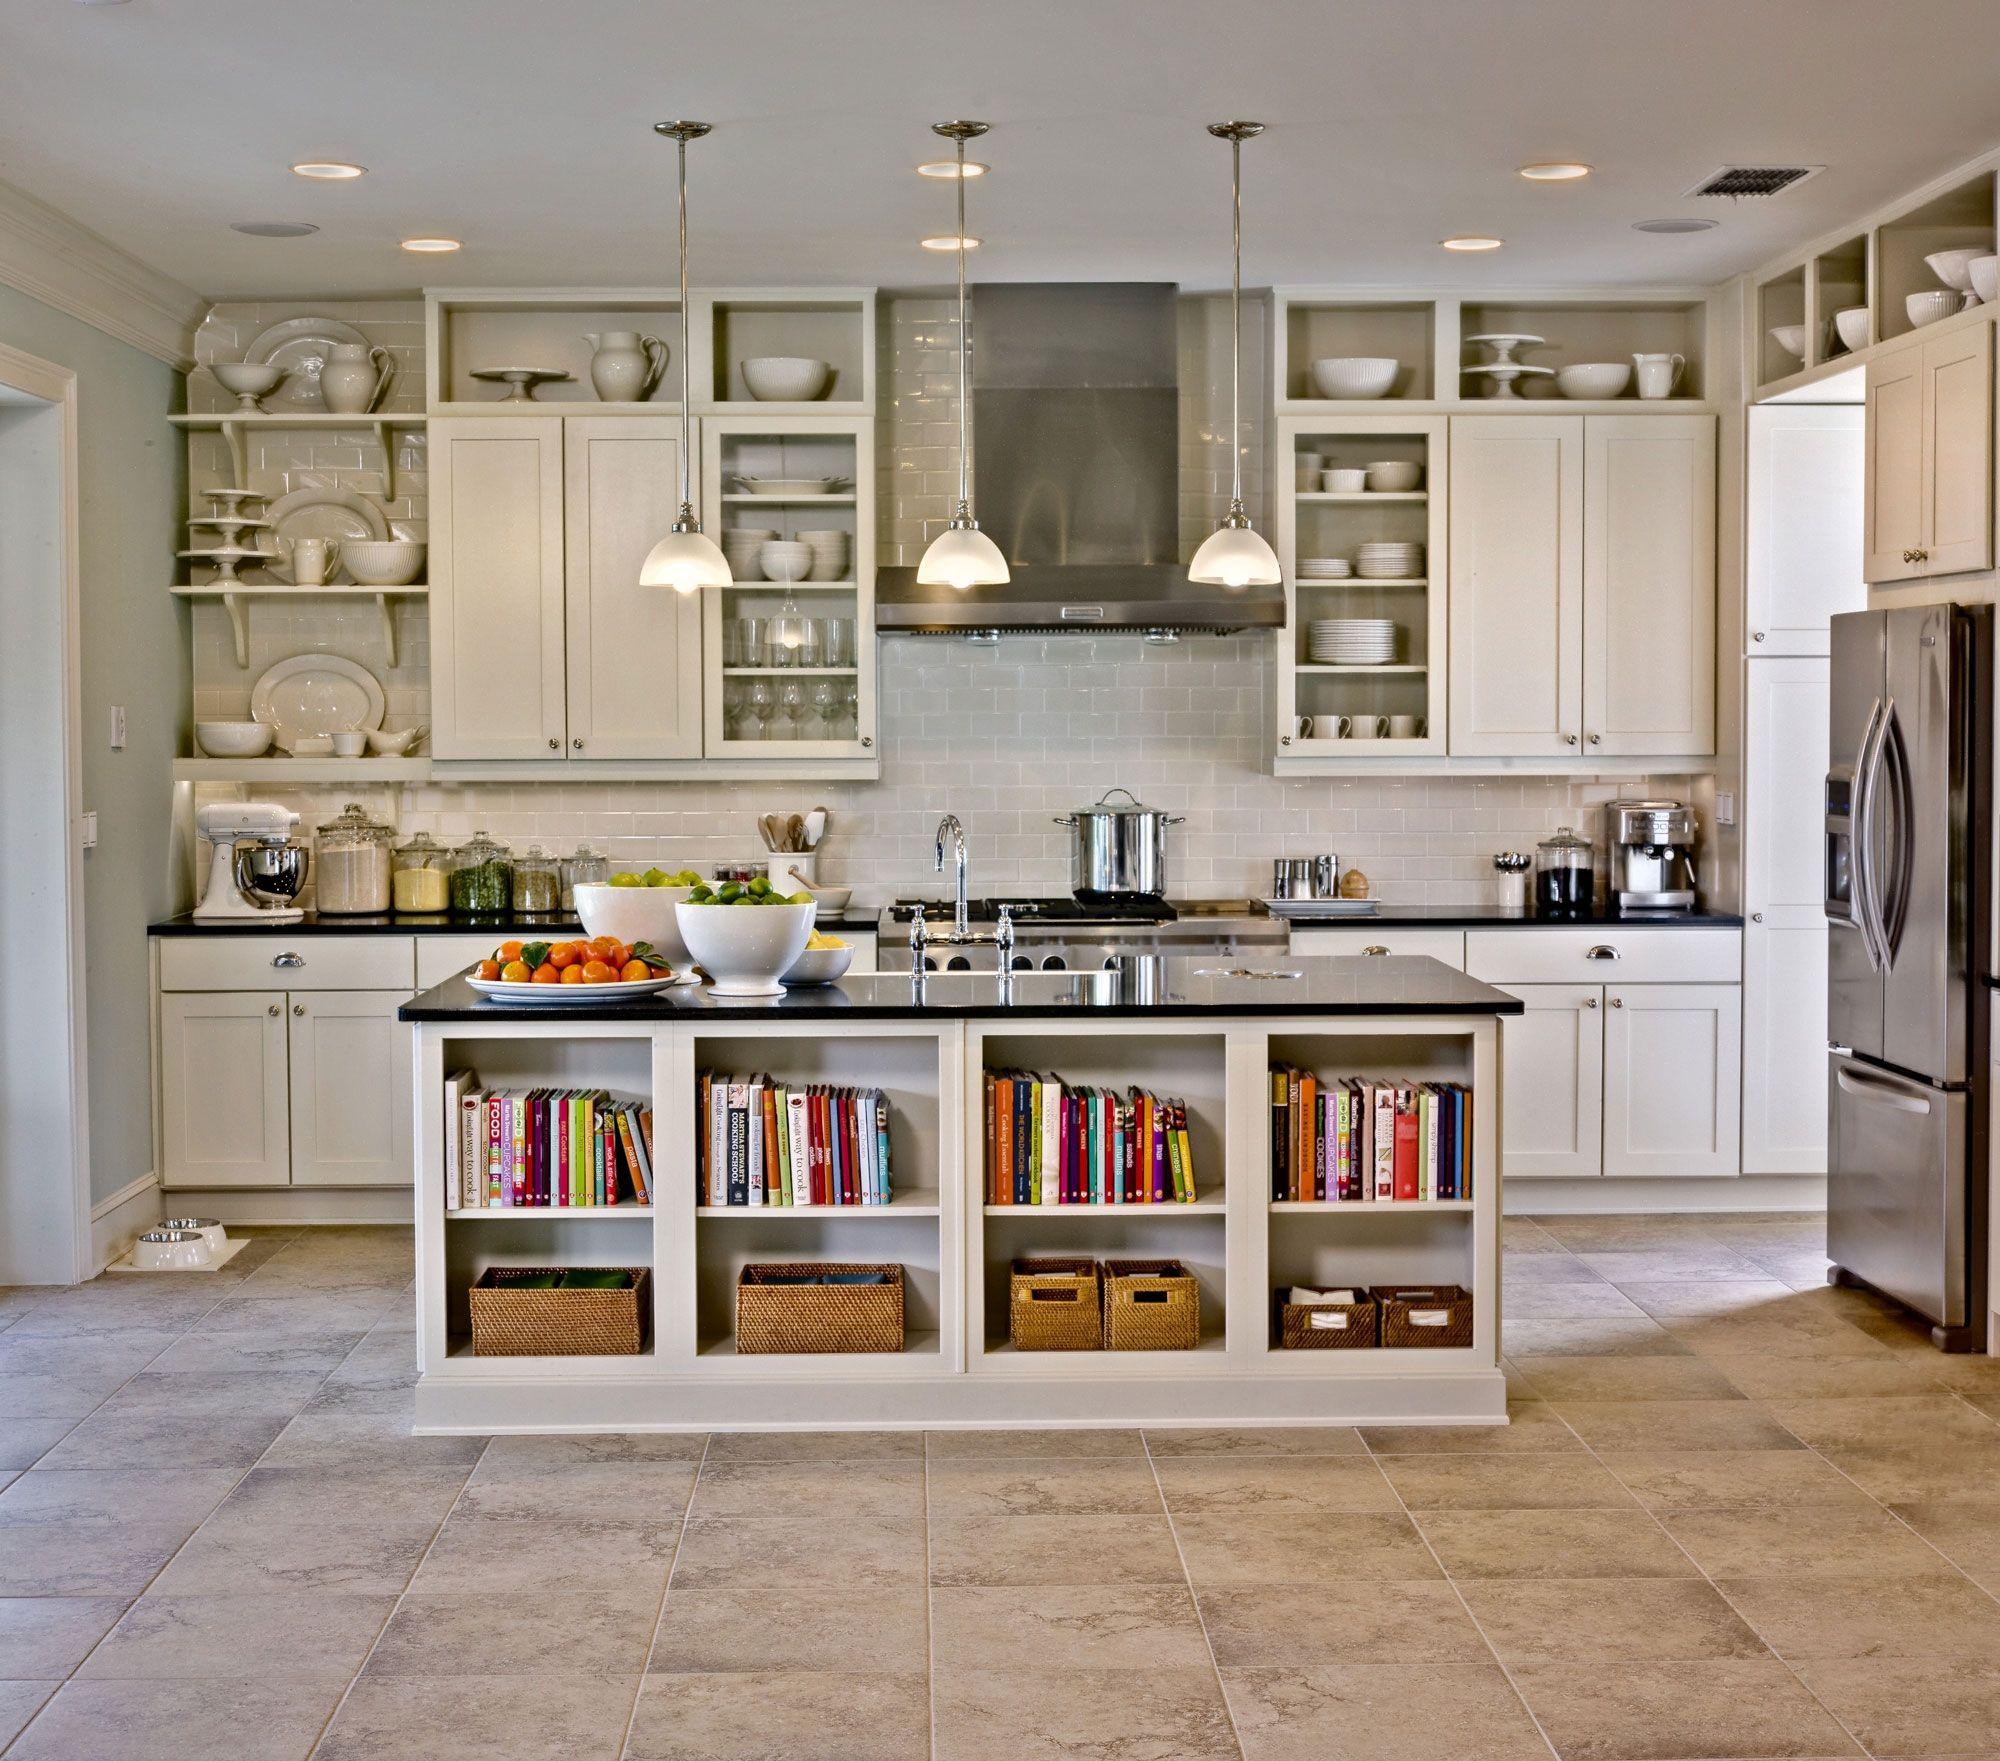 Best Kitchen Gallery: Furniture Kitchen Storage Cabi Design Ideas Modern Kitchens of 2000 Style Kitchen Cabinets on cal-ite.com